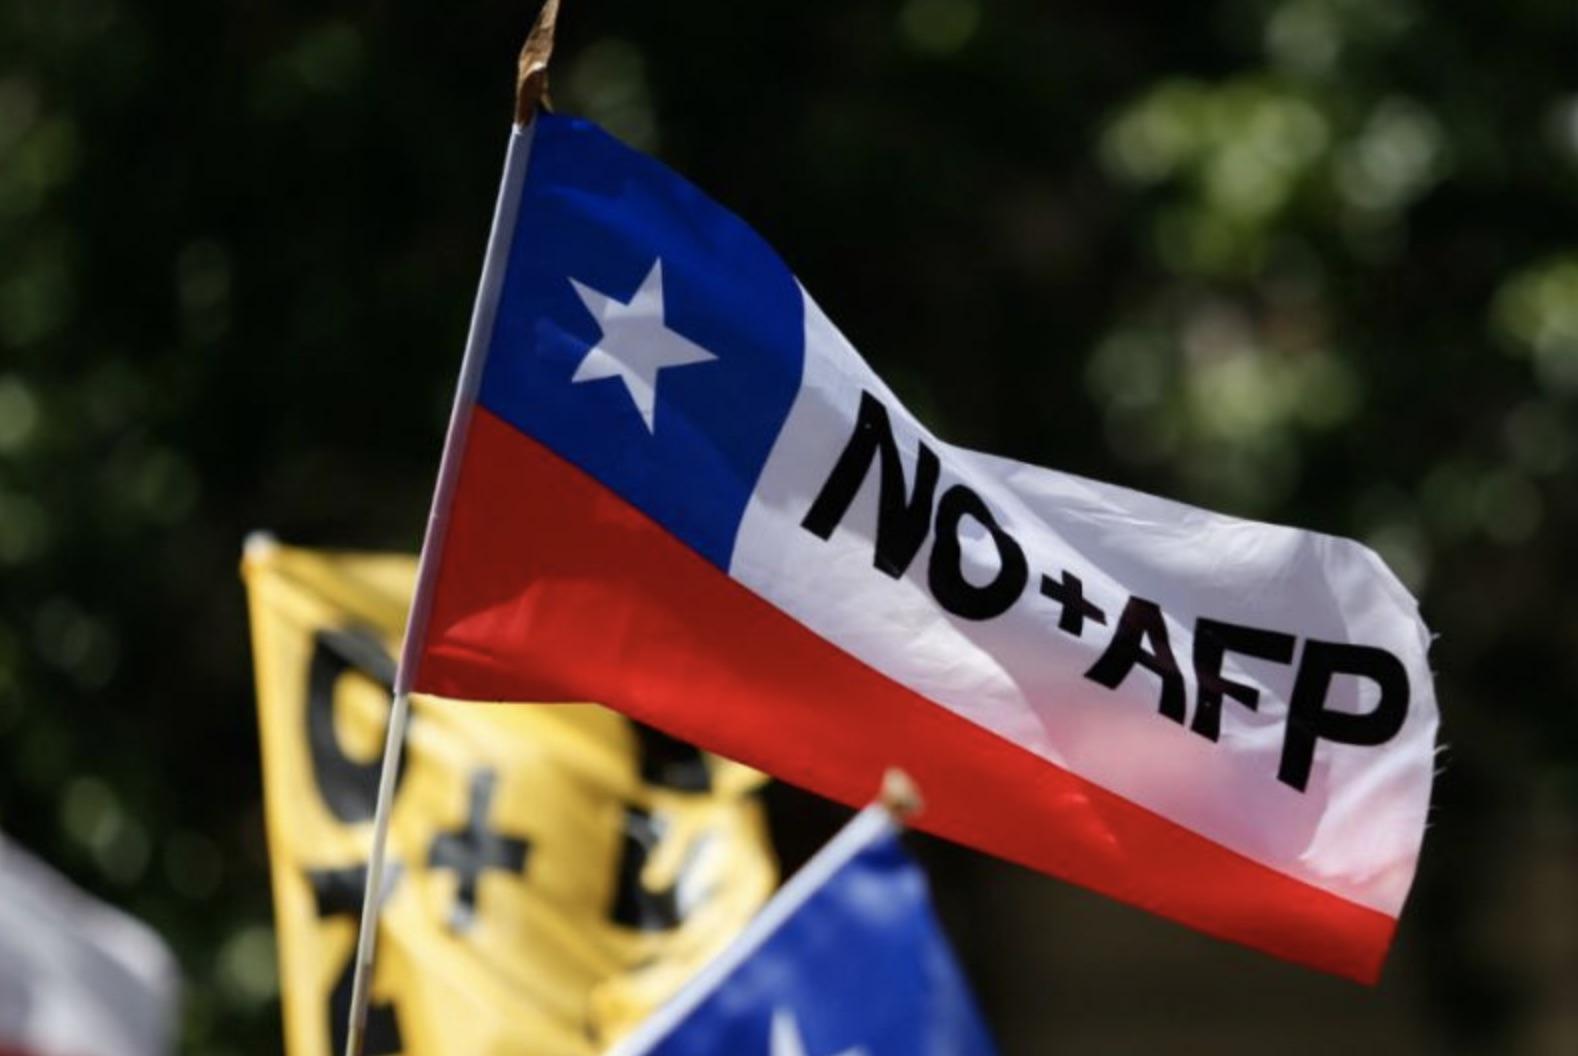 Chile, Caos, Izquierda dura